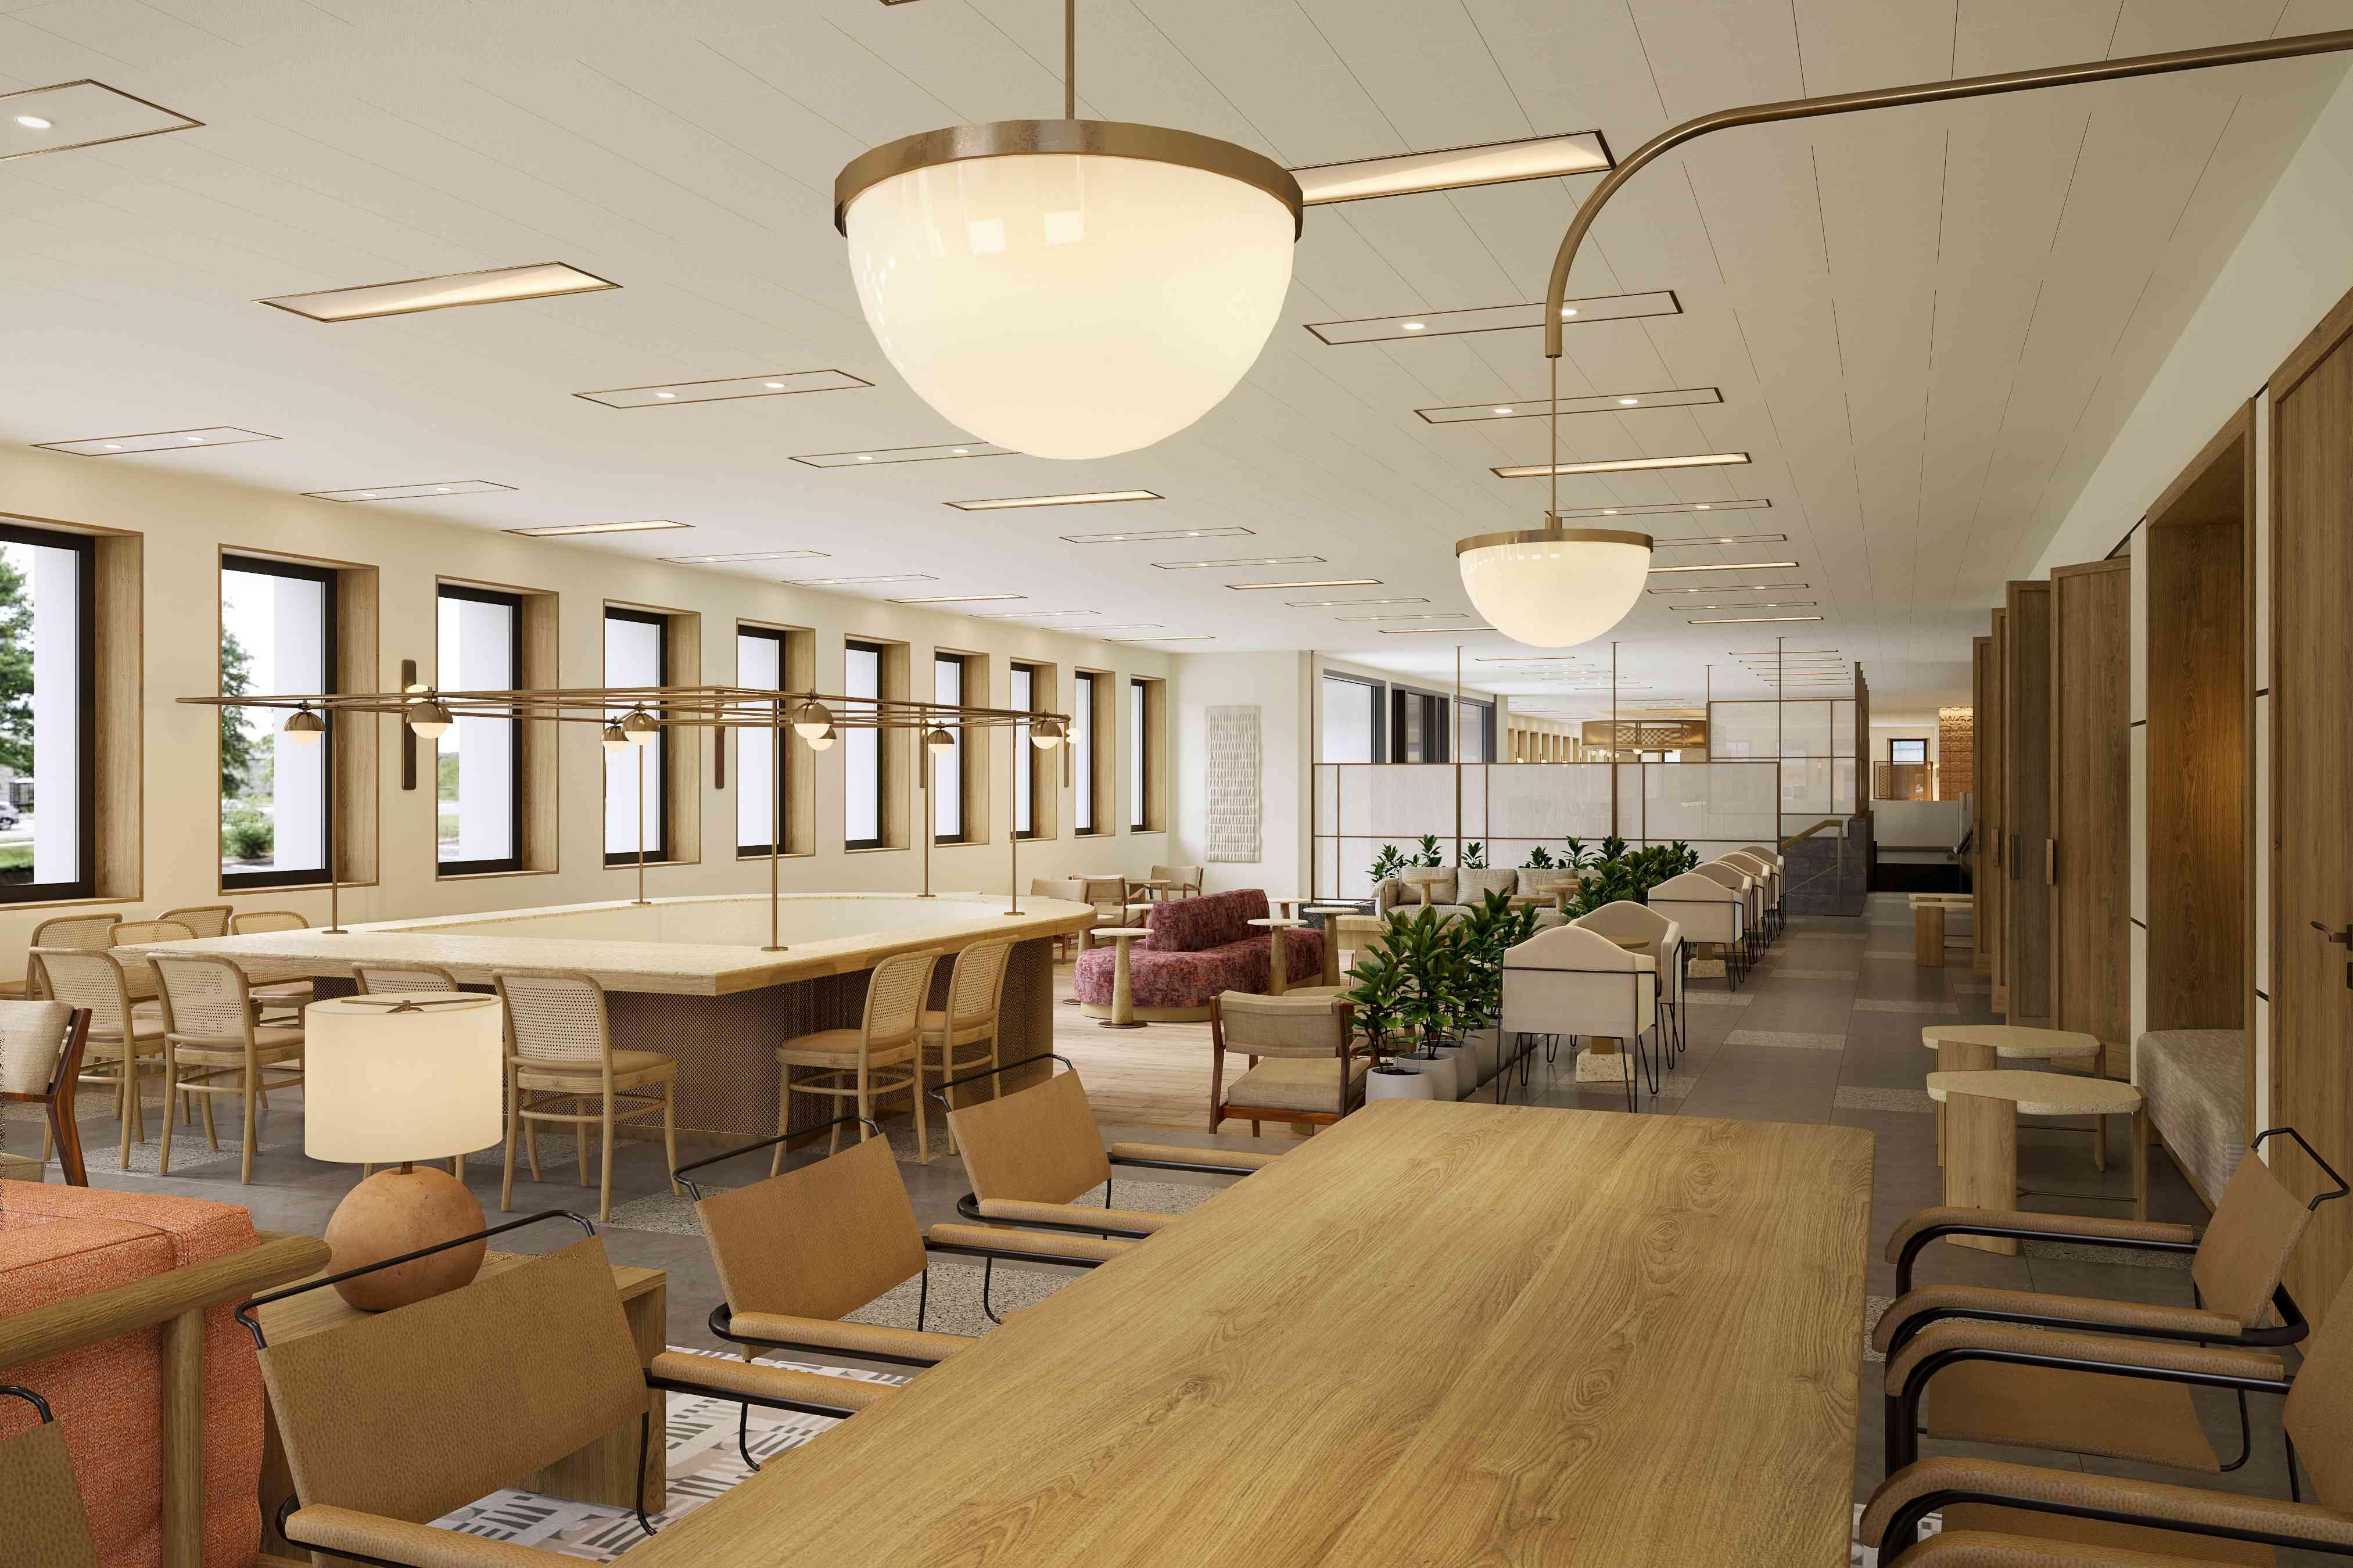 Interior public spaces